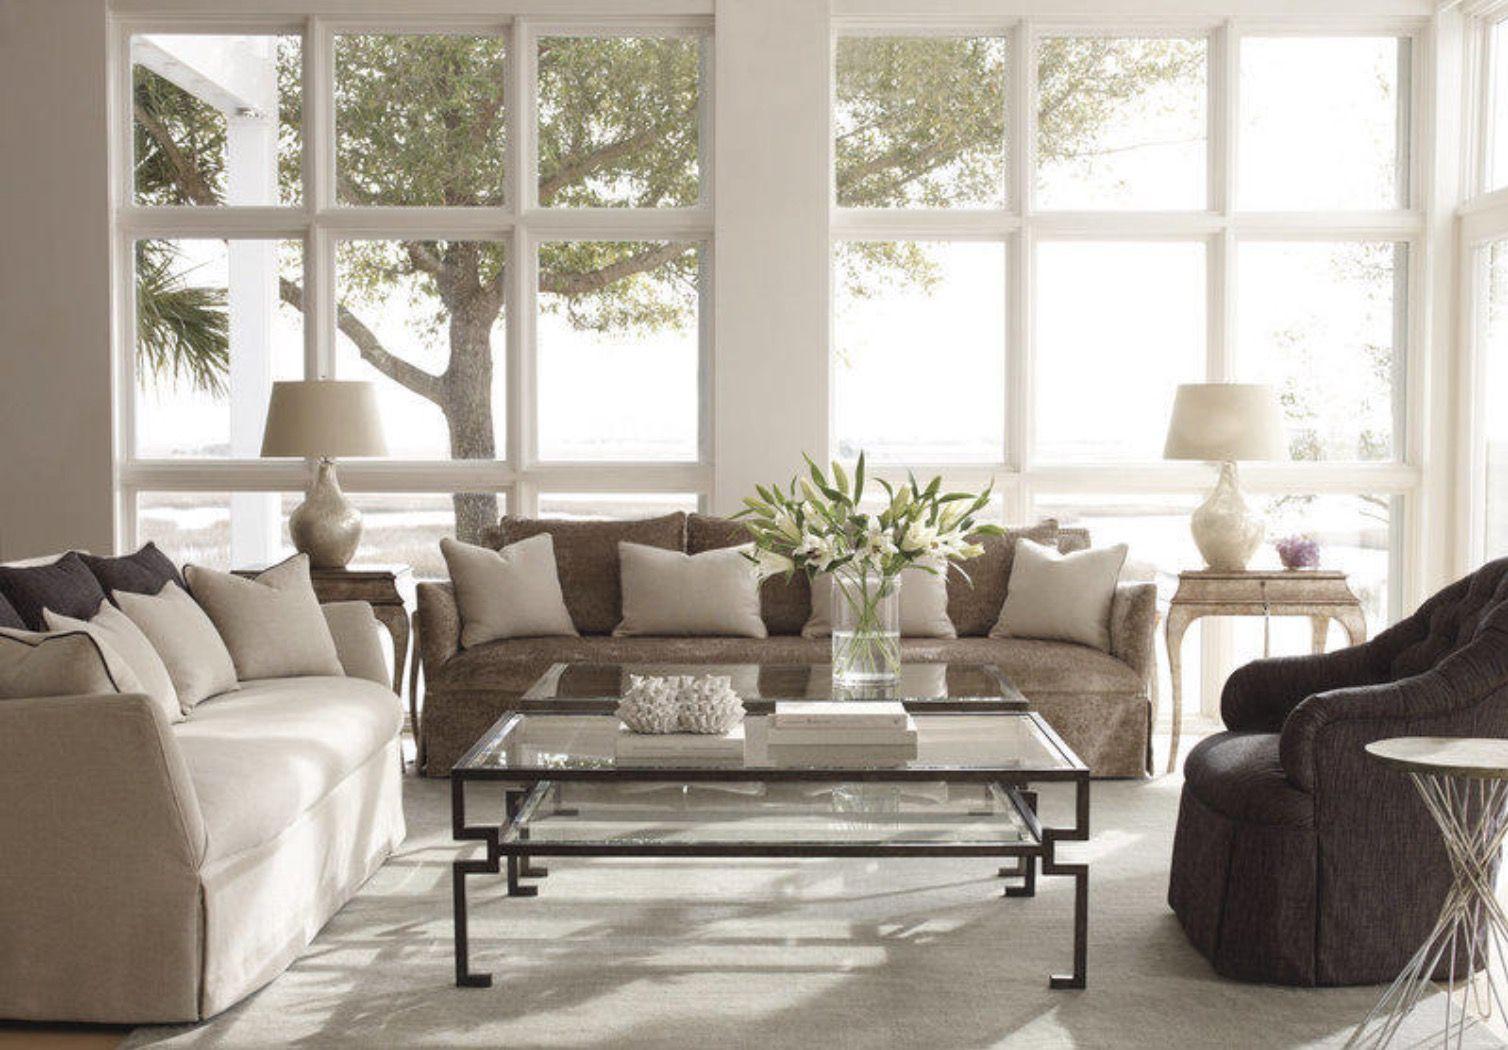 luxury decor furniture accessories accessory